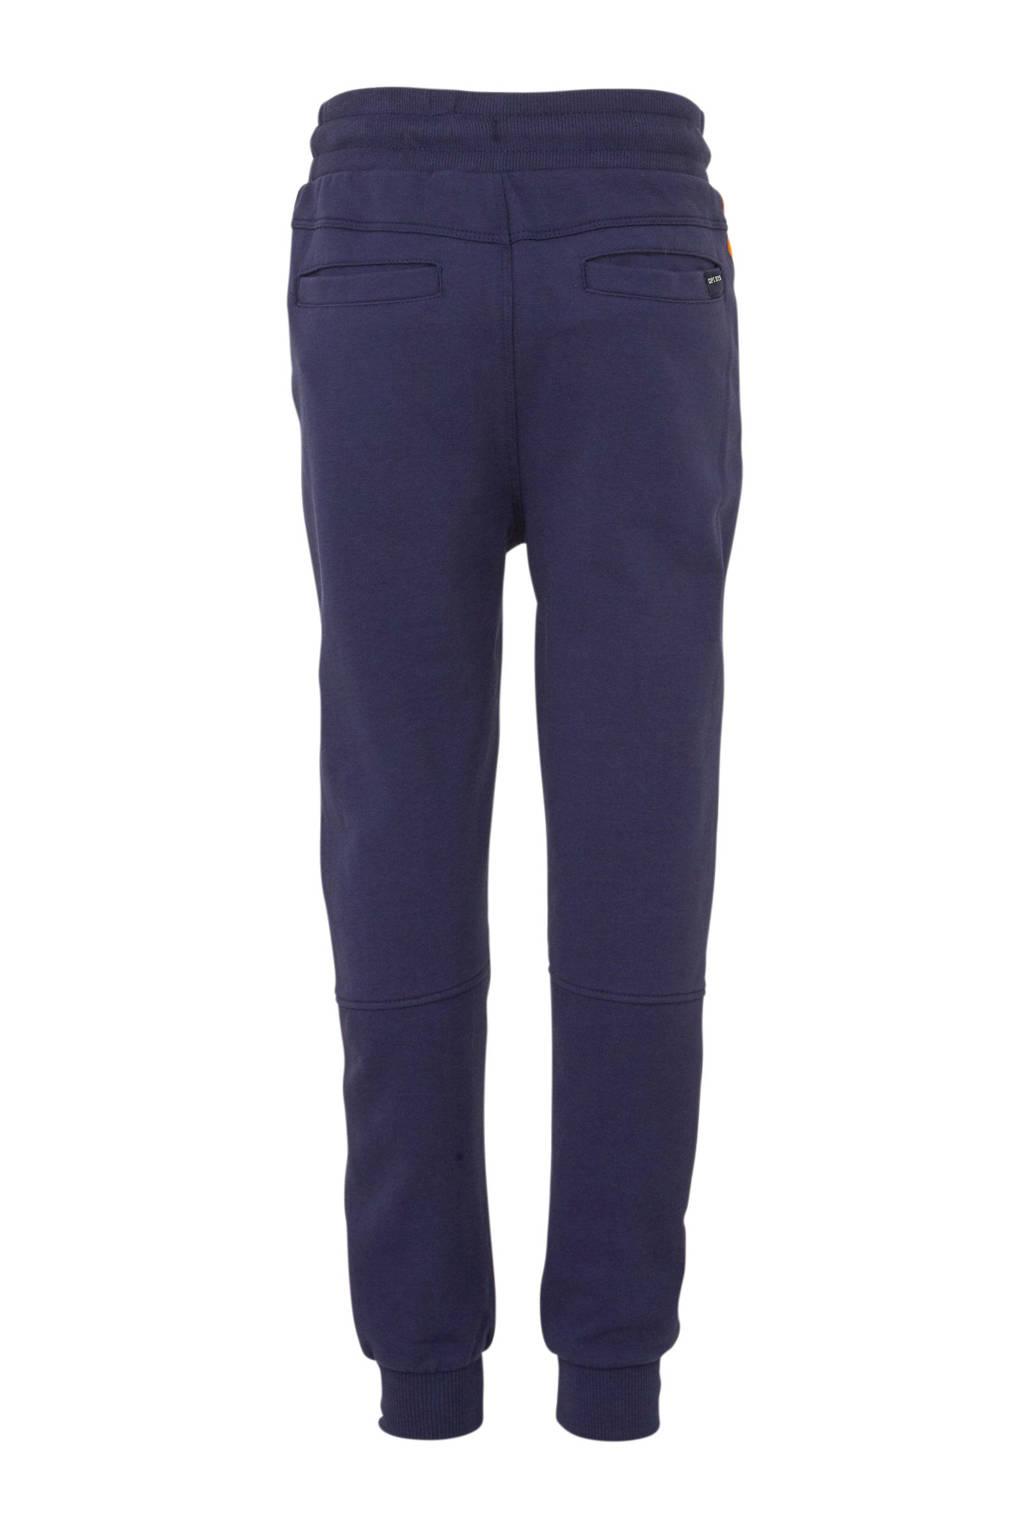 Quapi   regular fit joggingbroek Axel met zijstreep donkerblauw/okergeel, Donkerblauw/okergeel